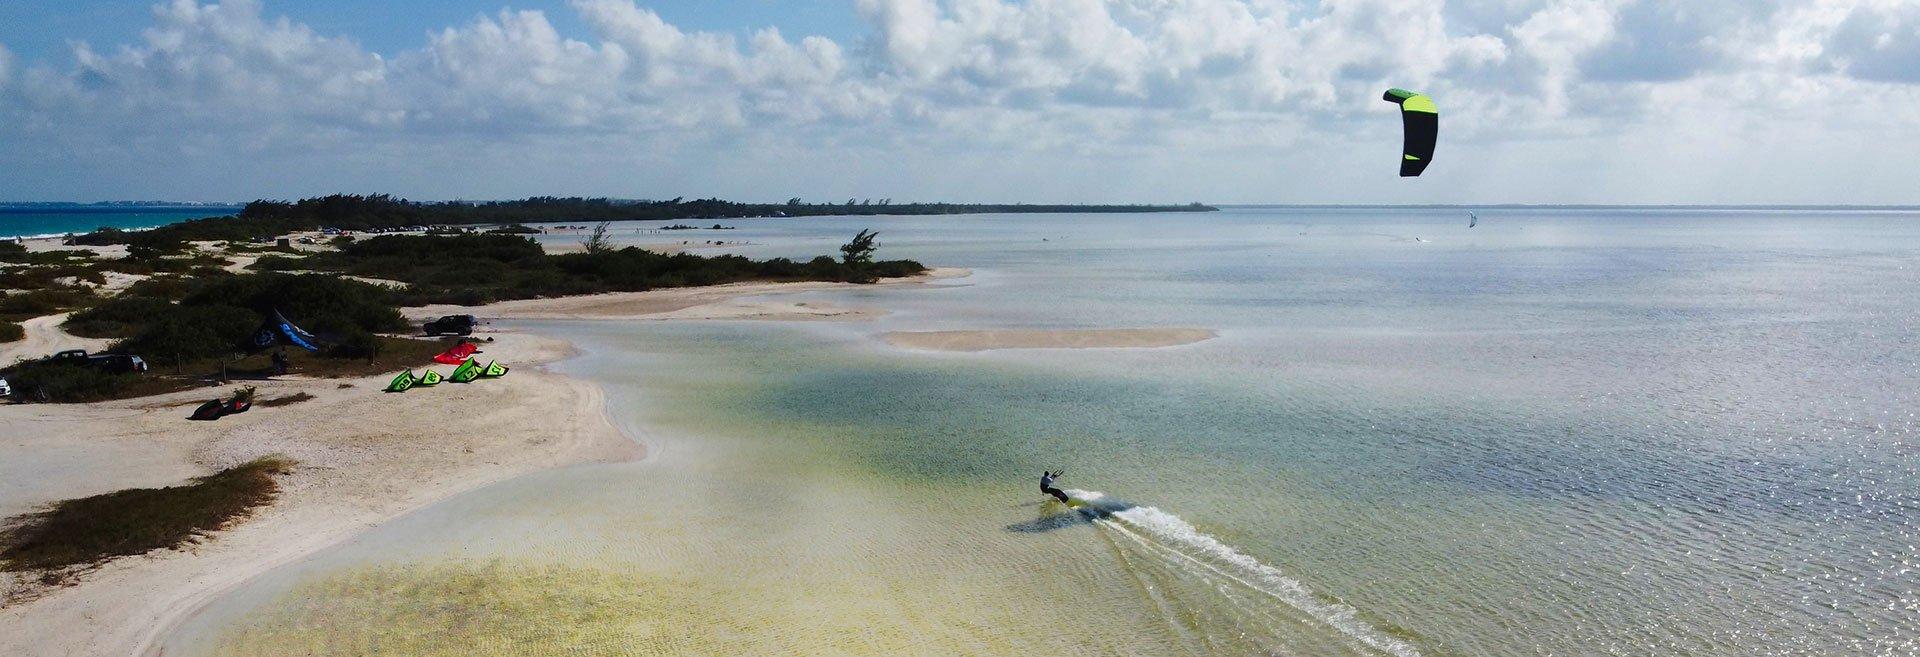 Cancun kiteboarding